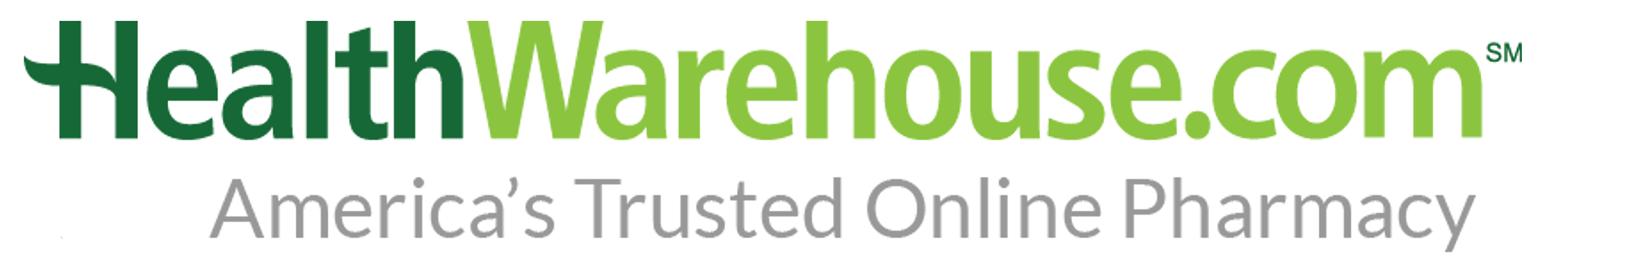 HealthWarehouse.com logo